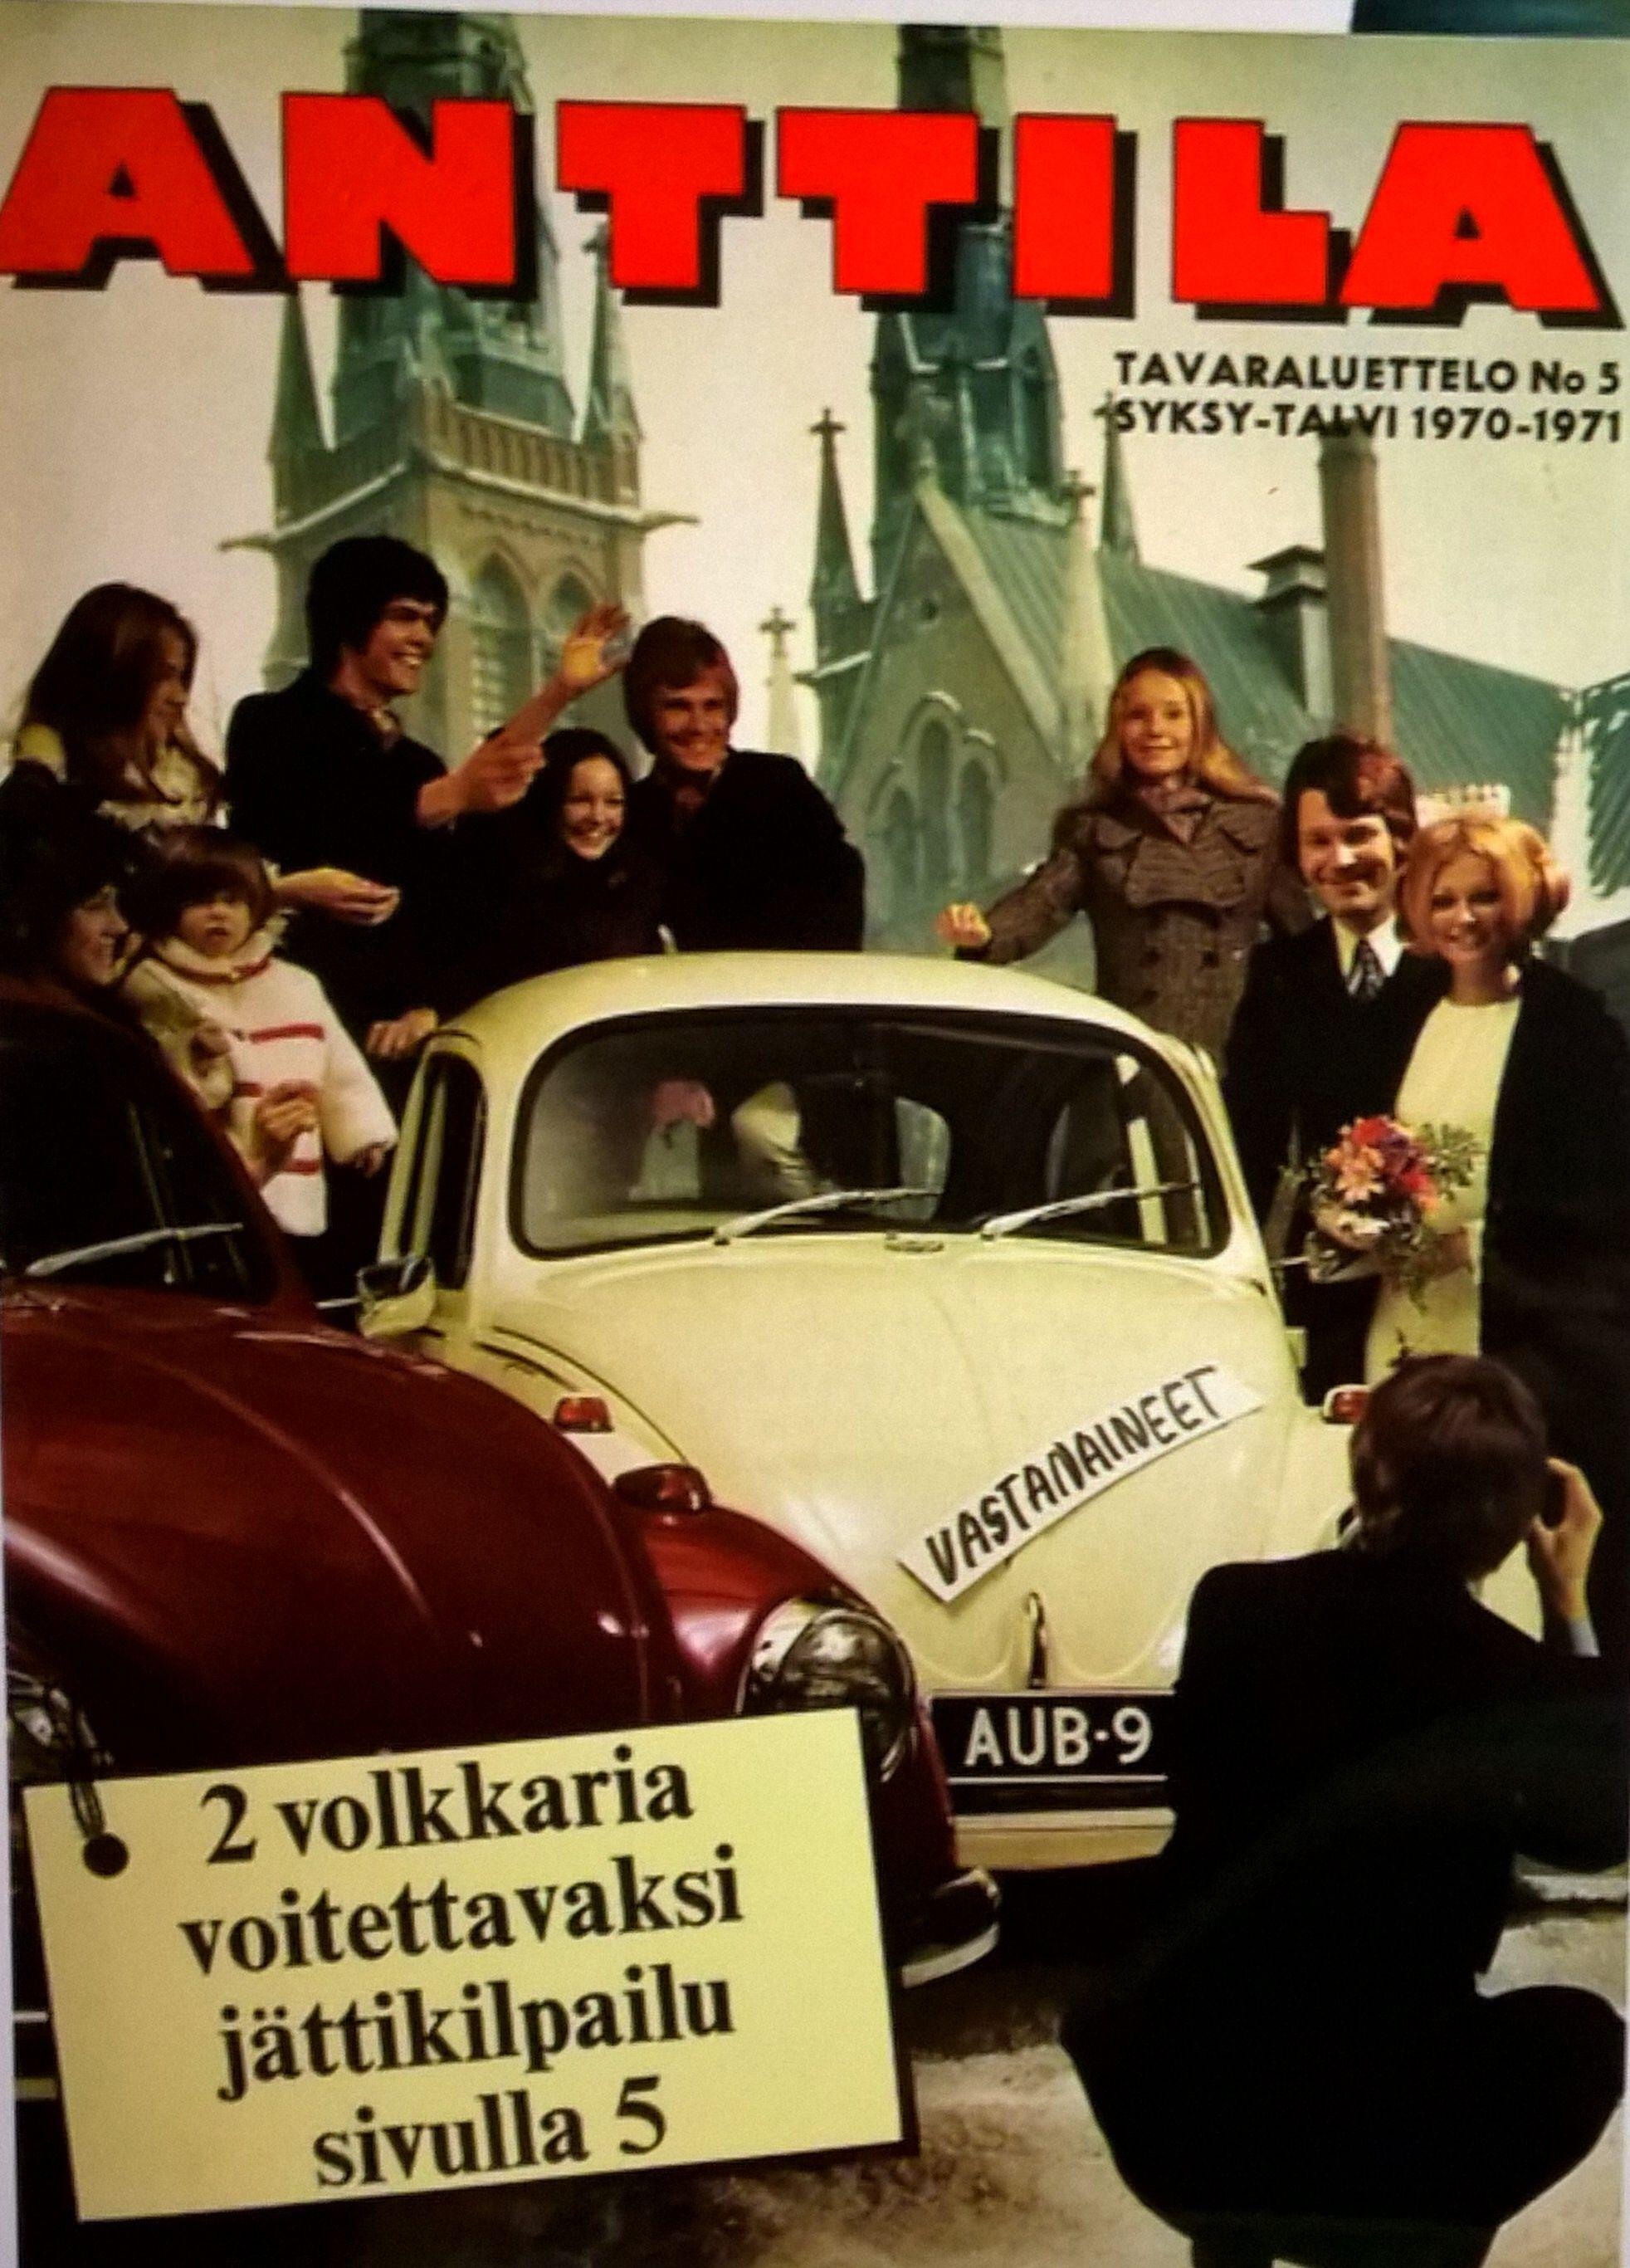 Anttila, tavaraluettelo 1970-1971